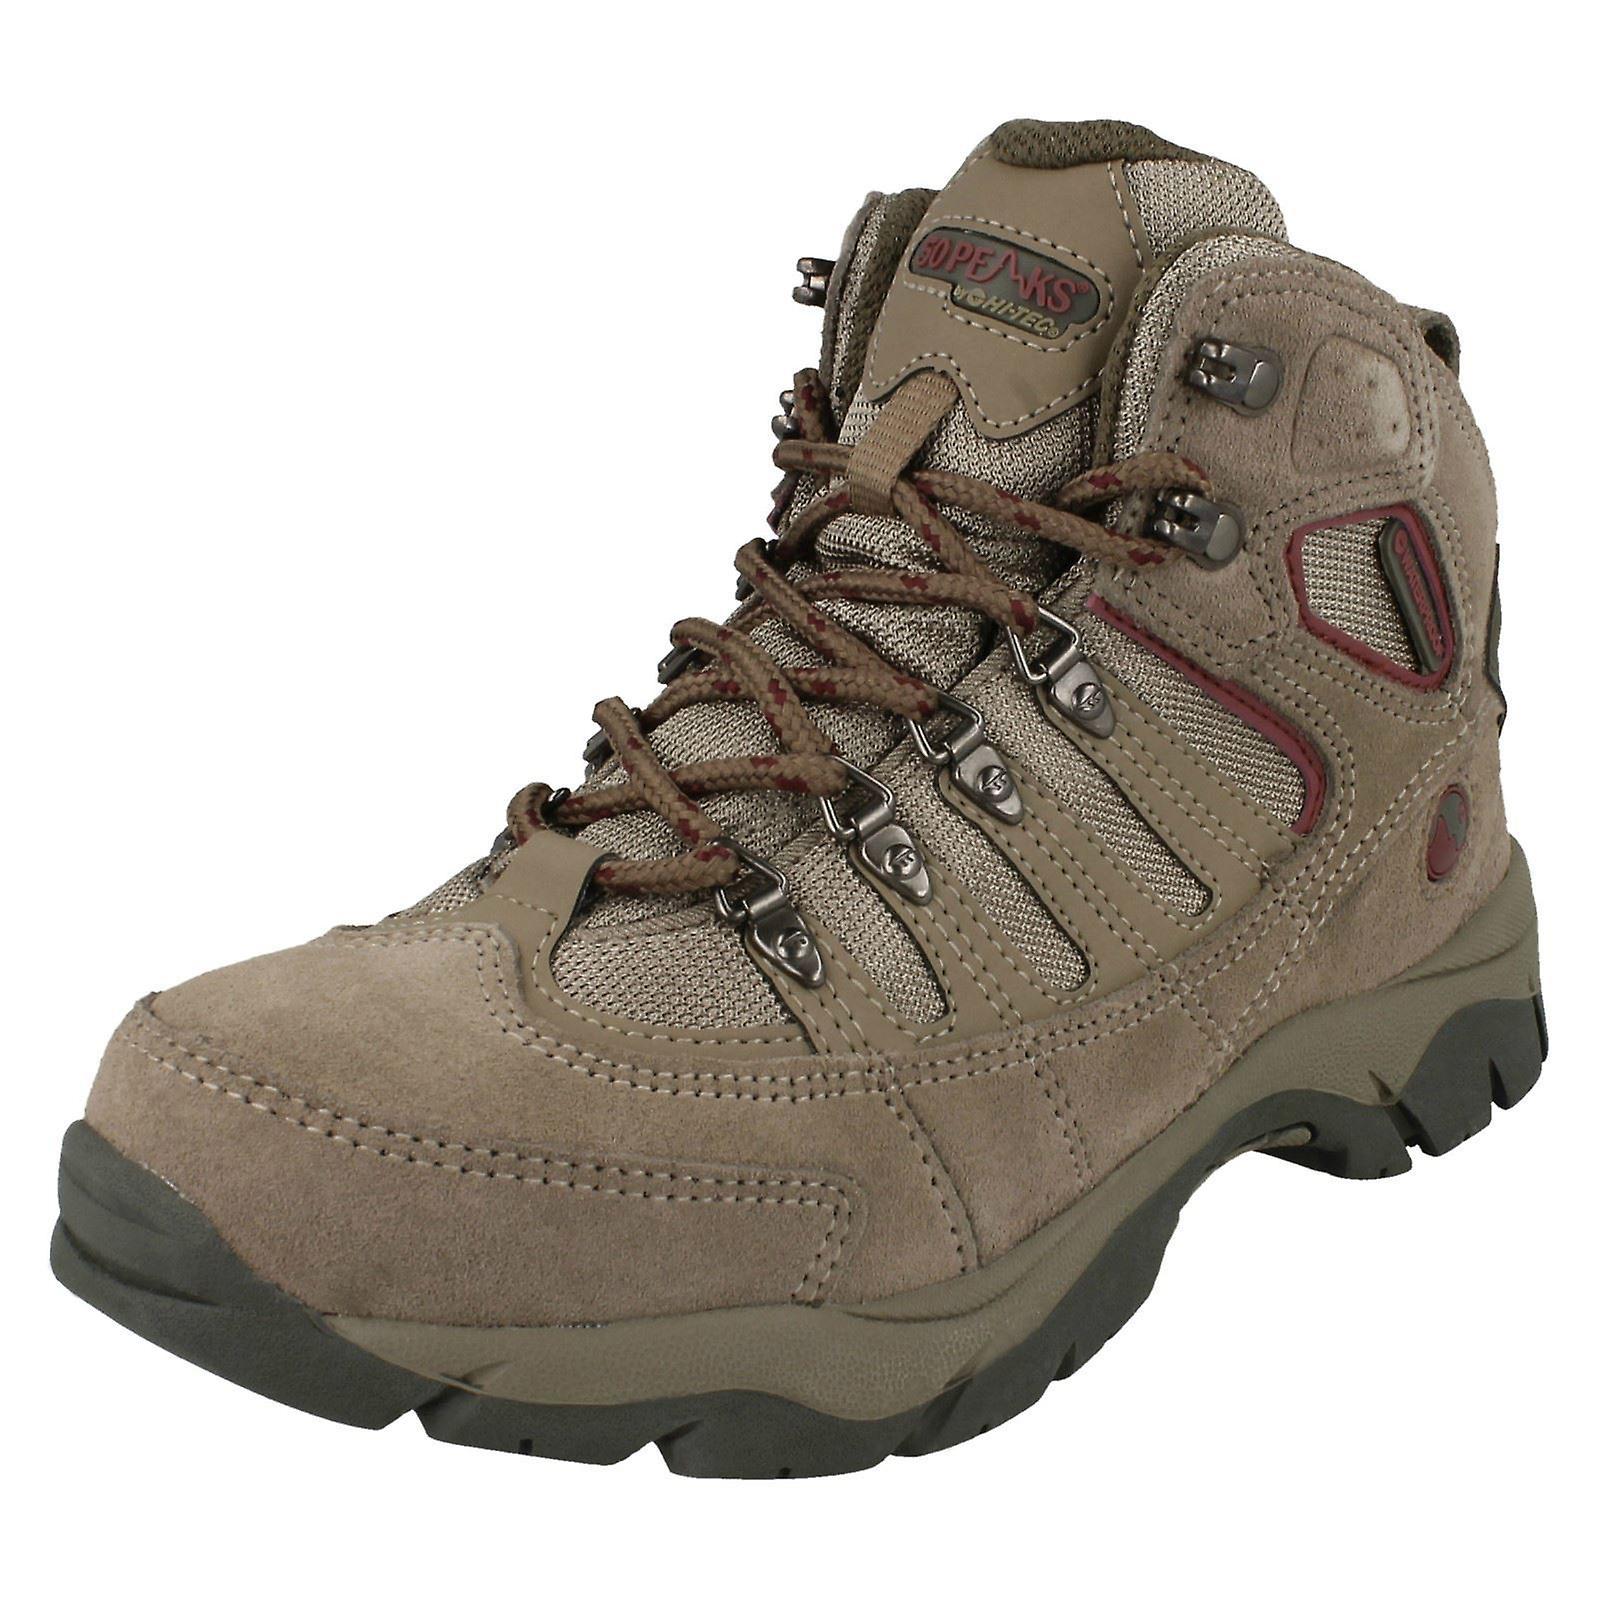 Ladies 50 Peaks By Hi Tec Lace Up Walking Boots Mckinley